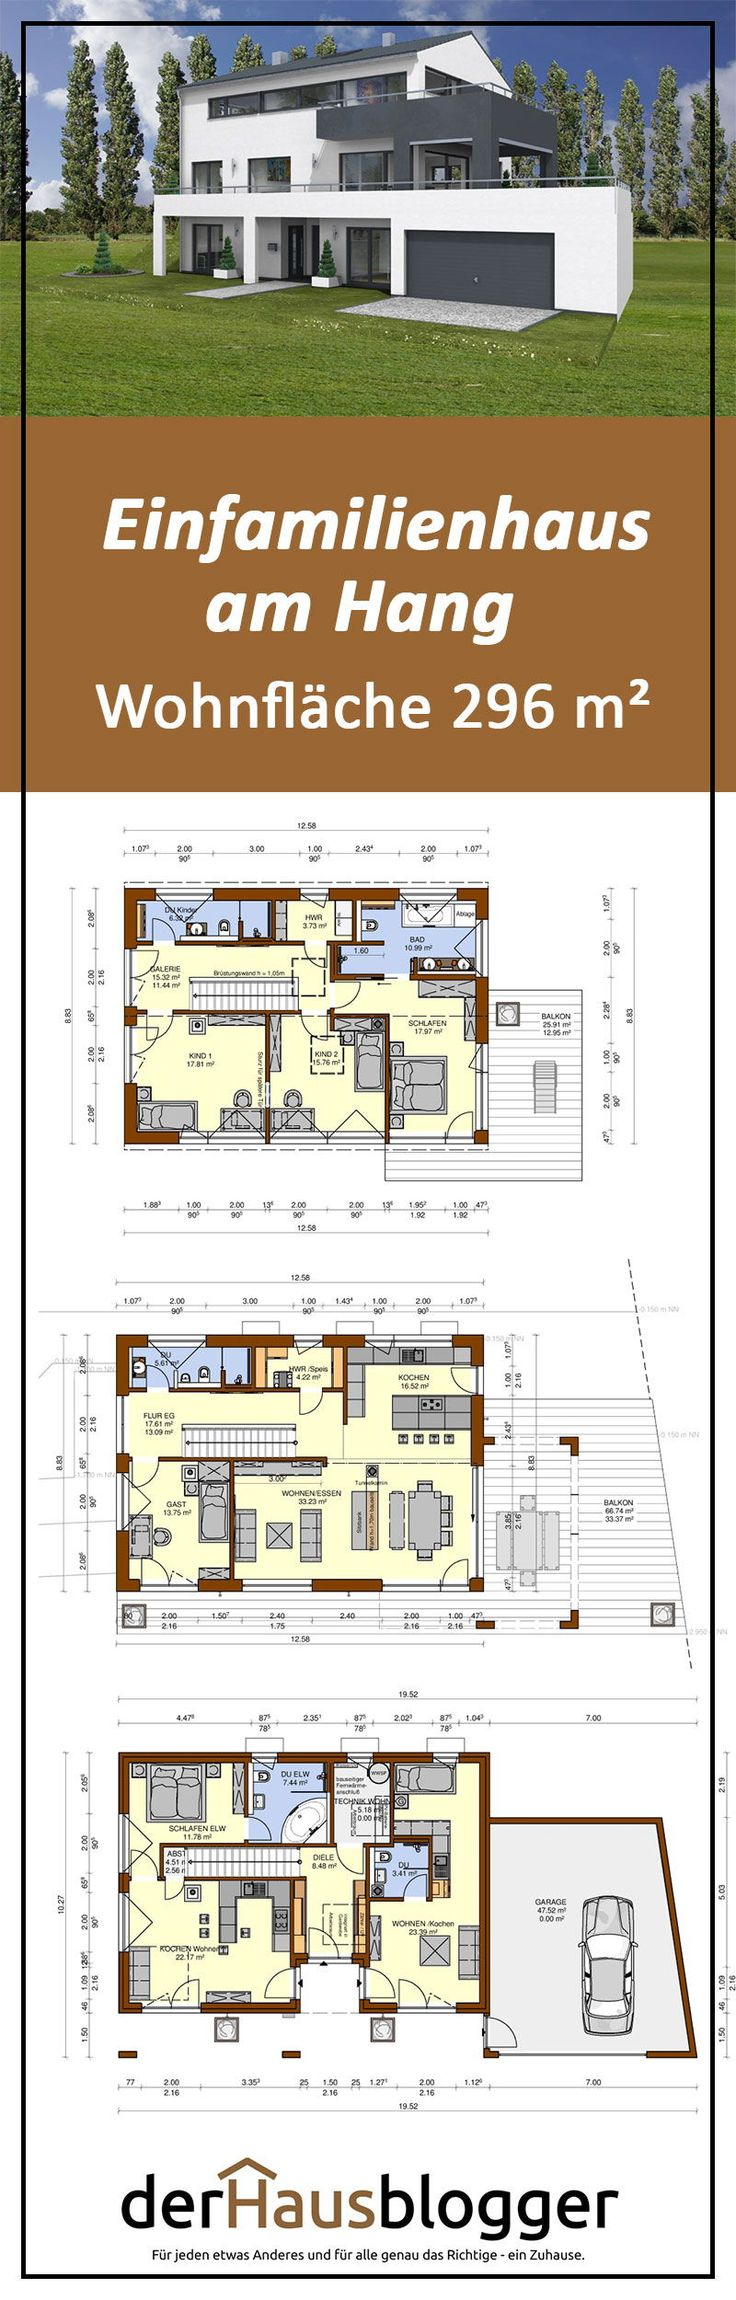 Das Grundstück dieses Hausentwurfes ist auf der kompletten Länge extrem  steil. Für die Bauherren war es aber trotzdem ein Traumgrundstück da es  …